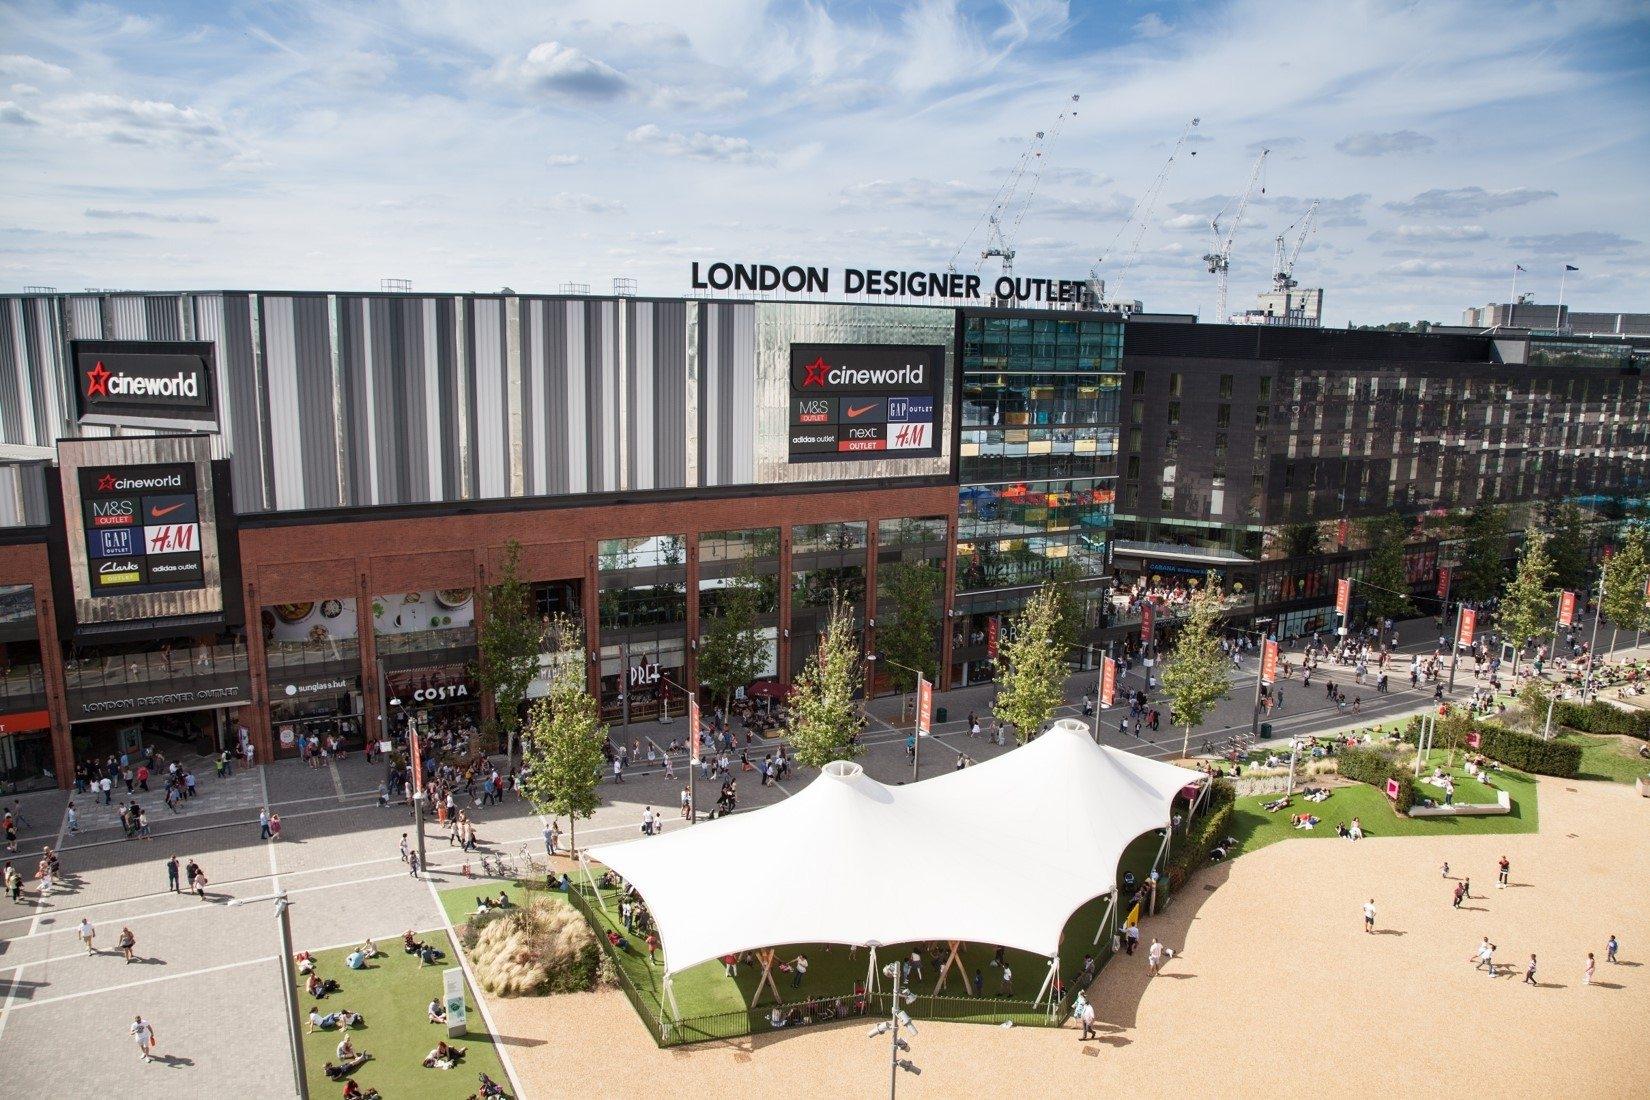 بريطانيا لندن افضل اماكن التسوق والمطاعم لندن ديزاينير اوتليت